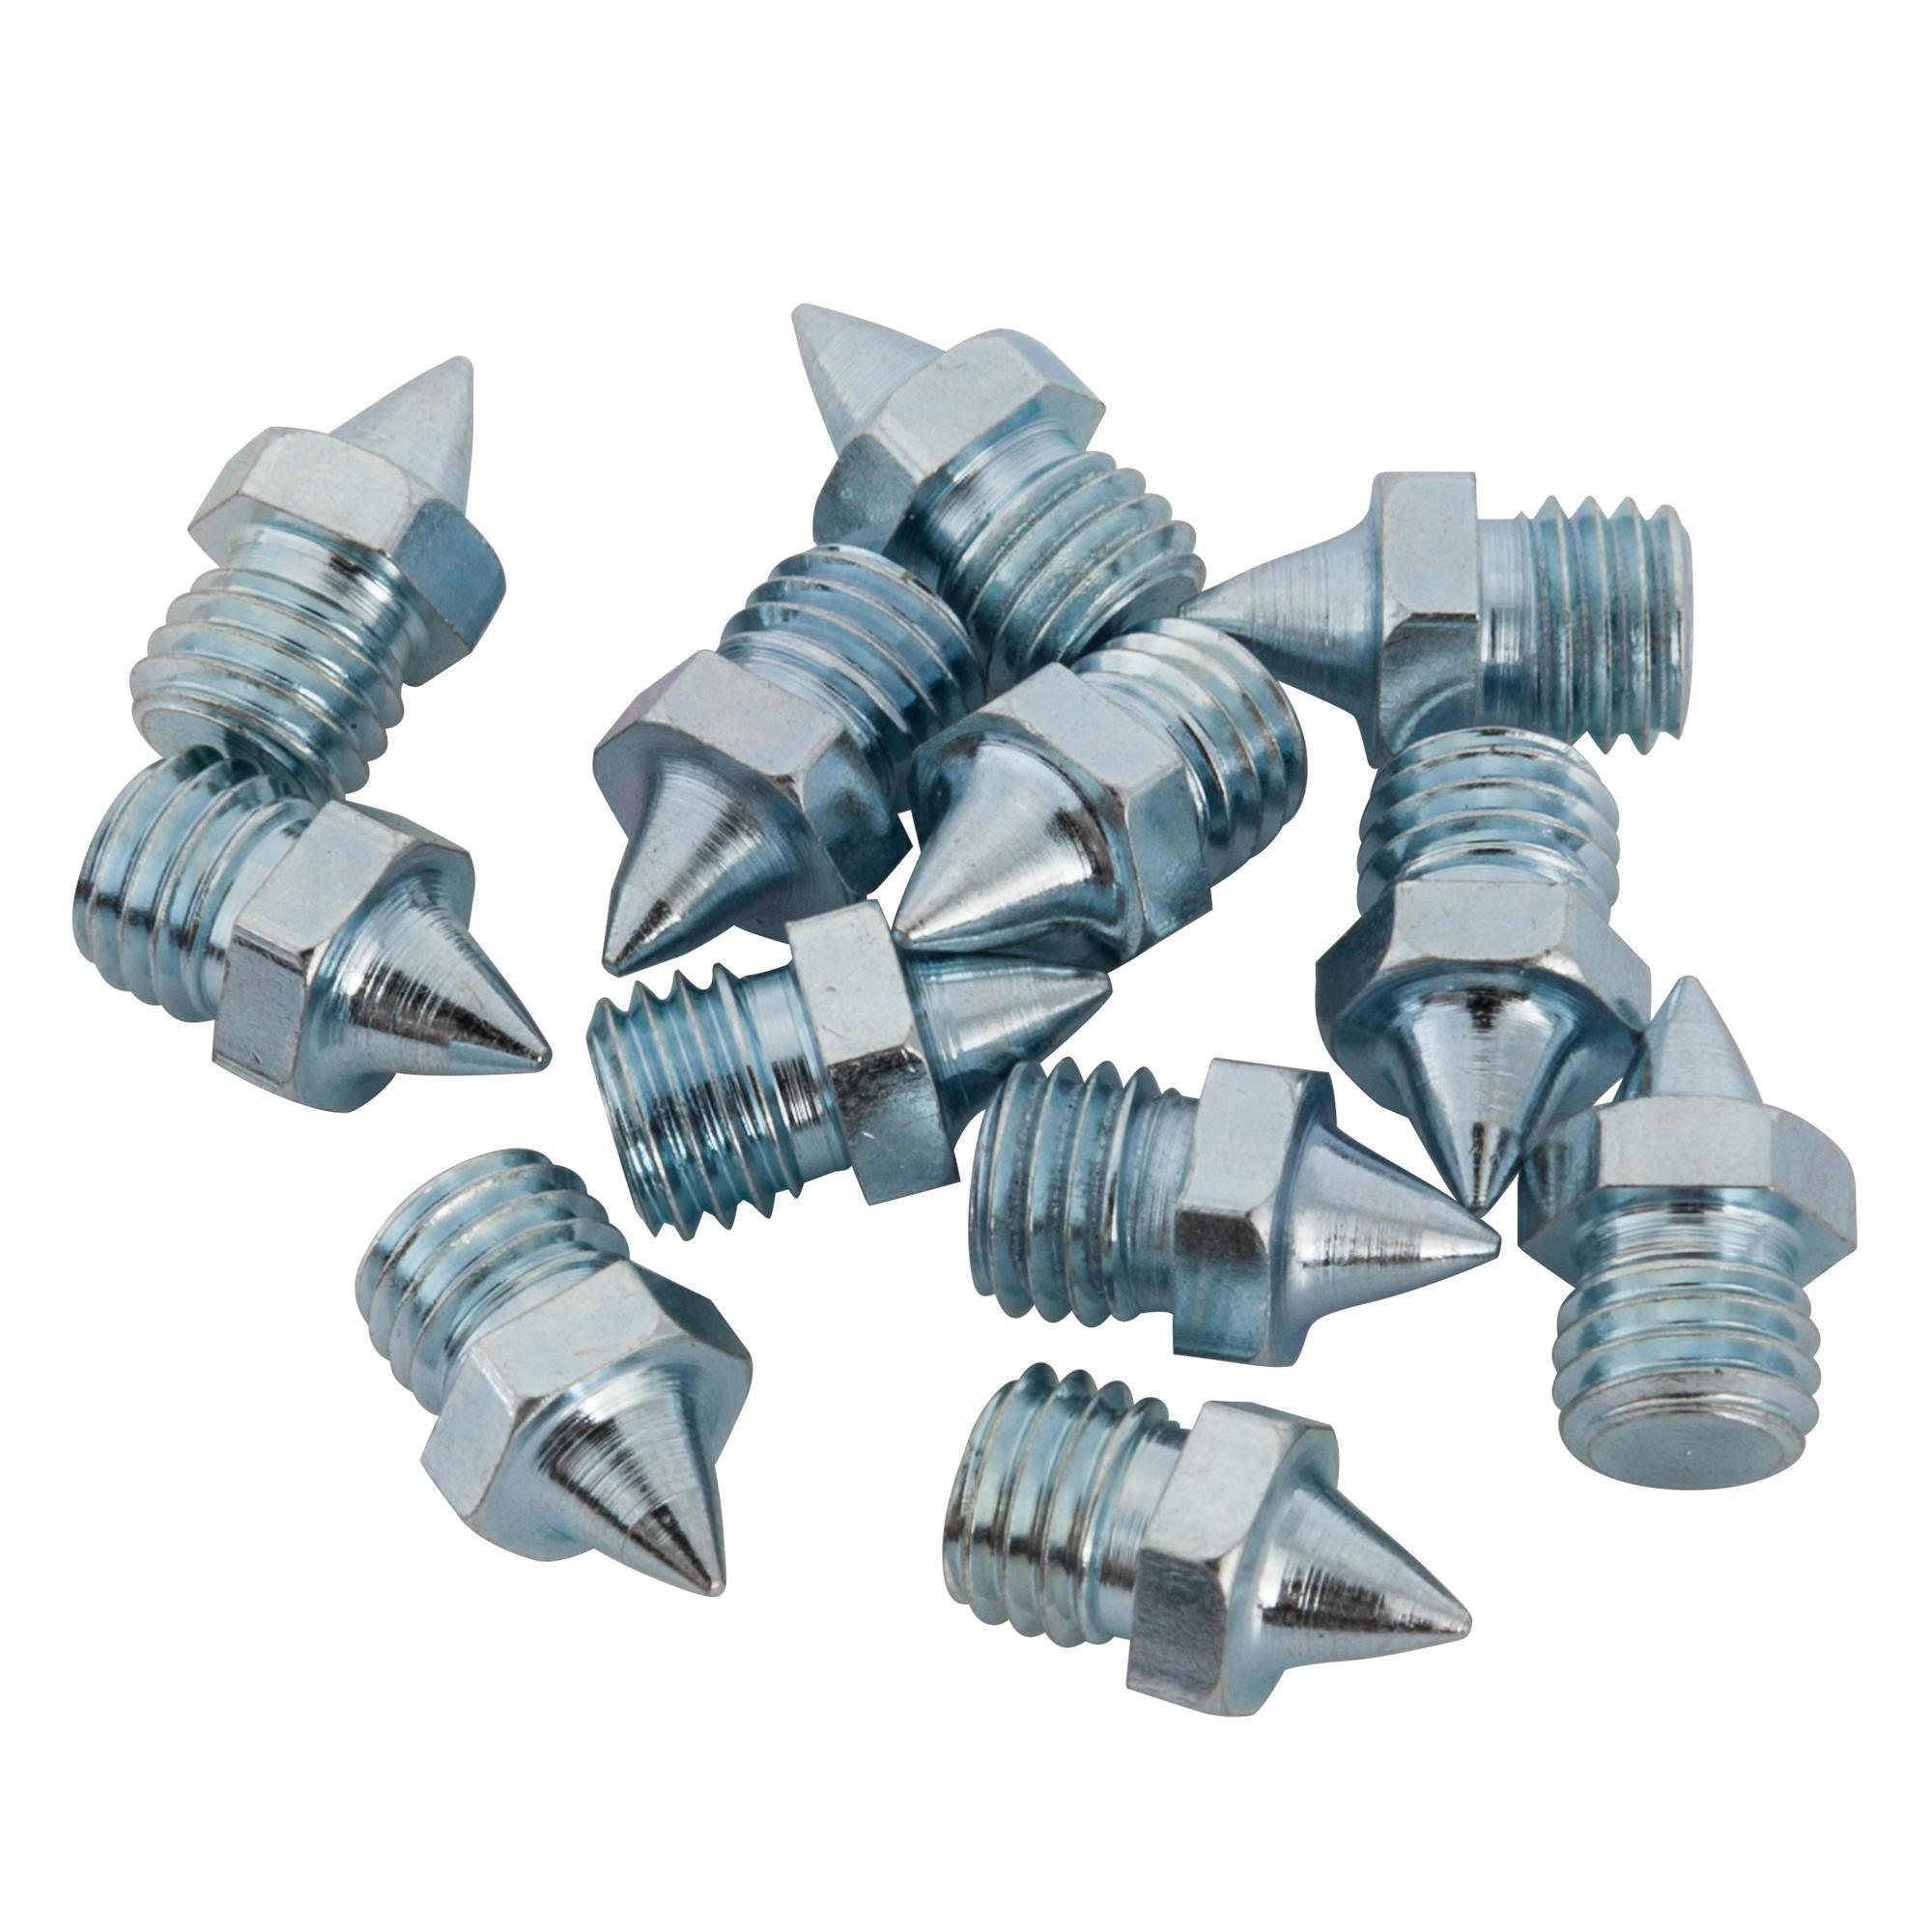 Kalenji Set van 12 zeskantspikes voor atletiekschoenen 15 mm